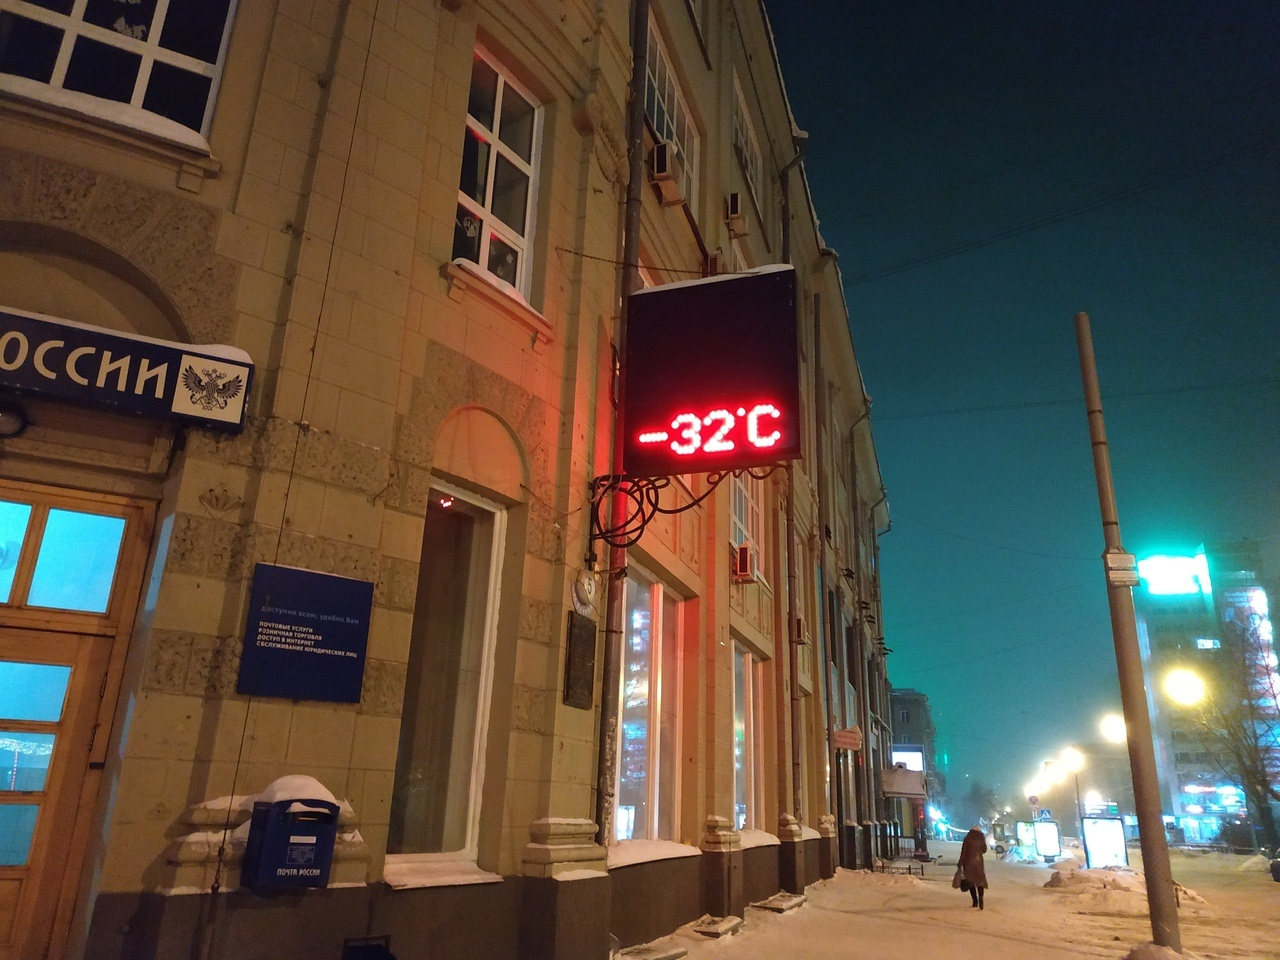 В центре около 7 часов утра температура была −32 градуса